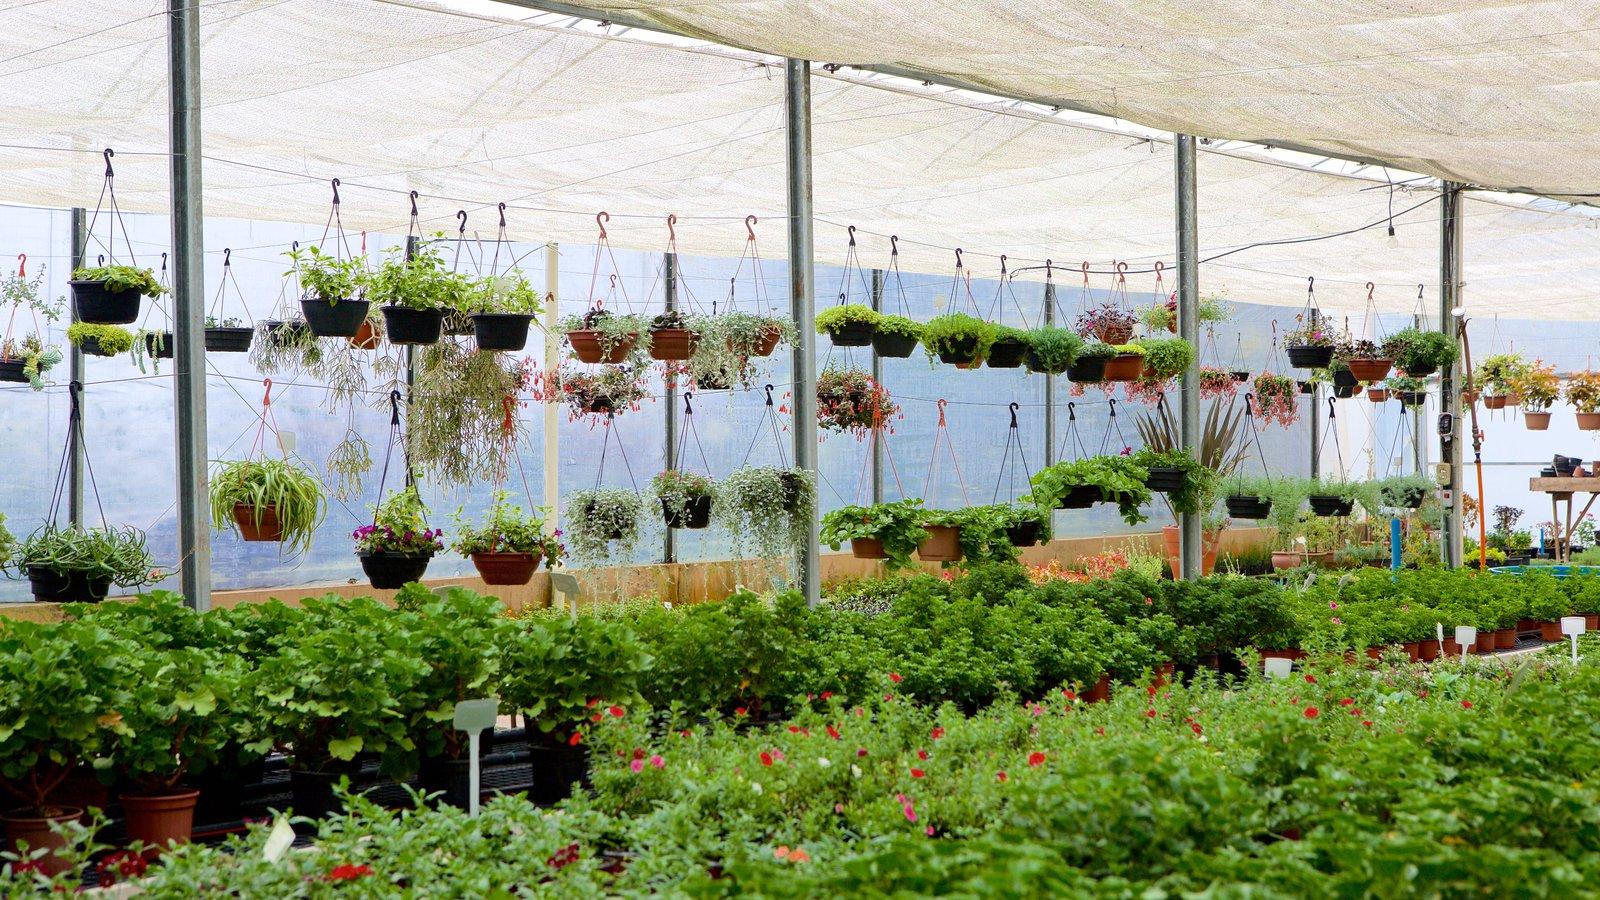 Le Jardin Parque de Lavanda mostrando flores